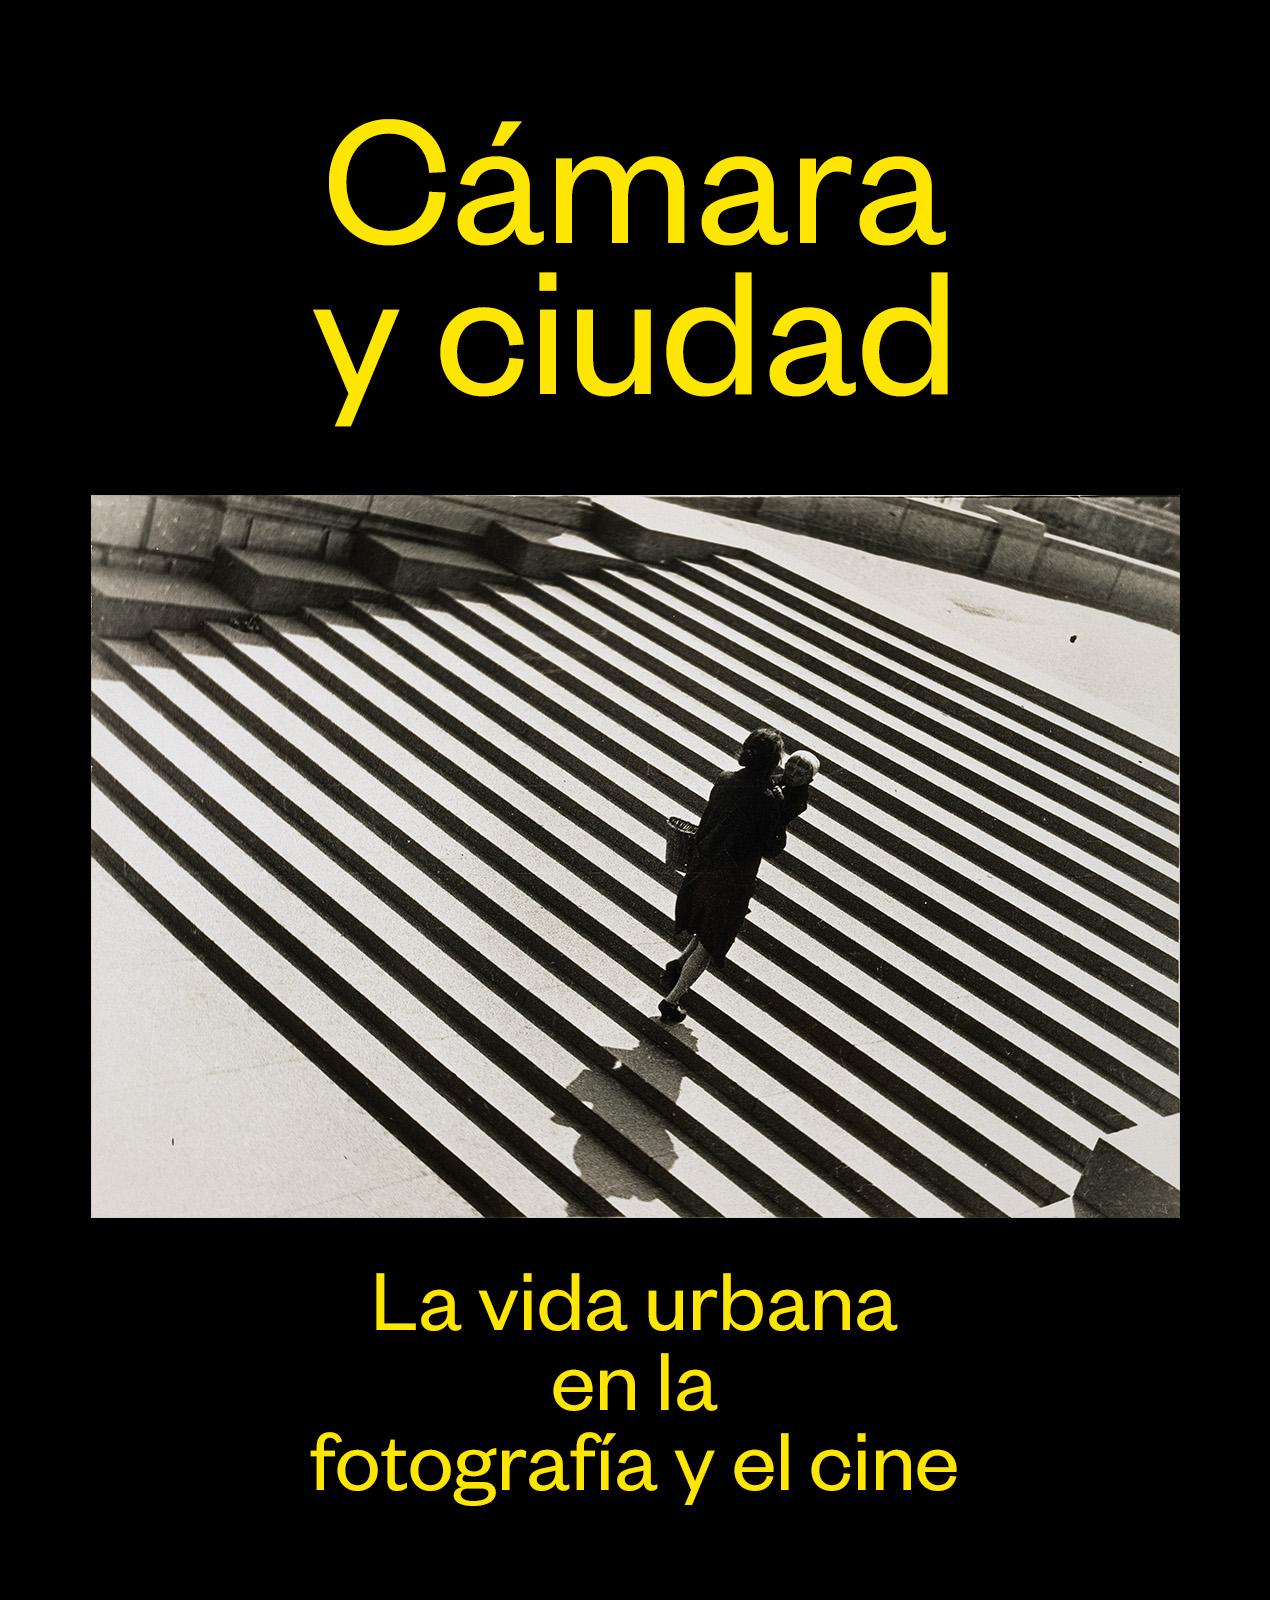 improrrogable-madrid-exposiciones-caixaforum-camara-y-ciudad